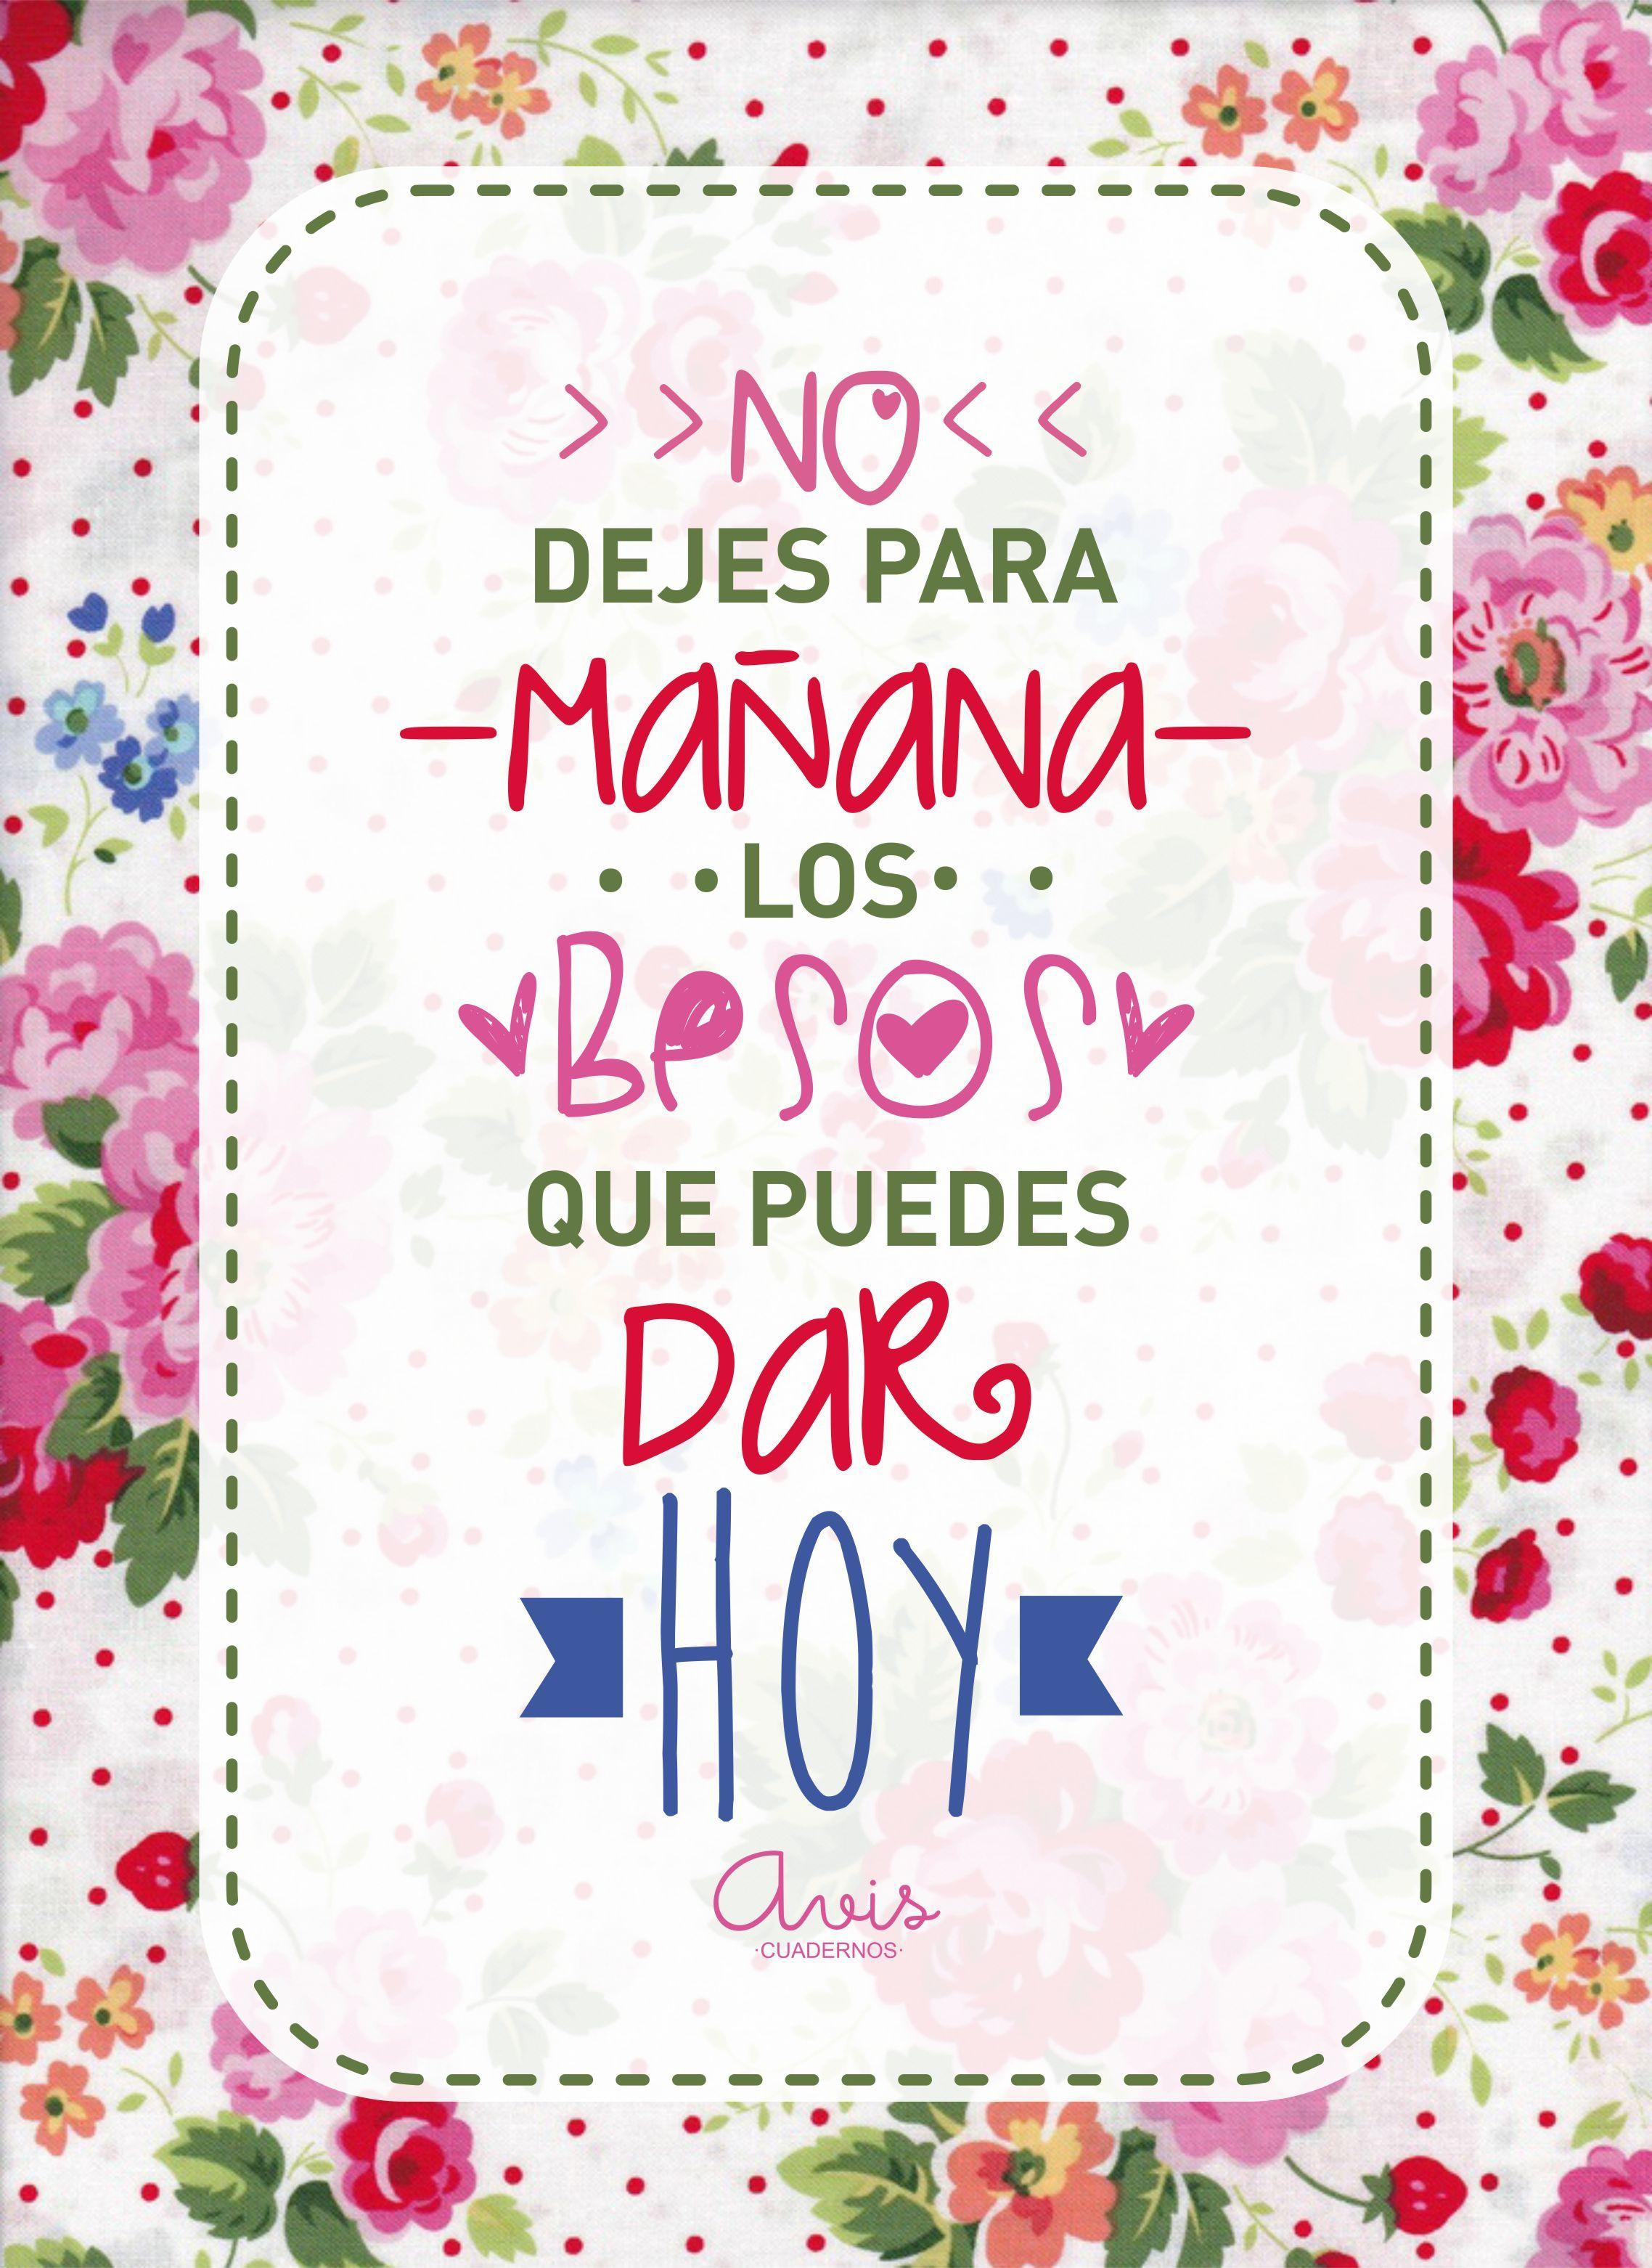 Los quiero todos!!! Amo tus besos | Mensajes hermosos ...